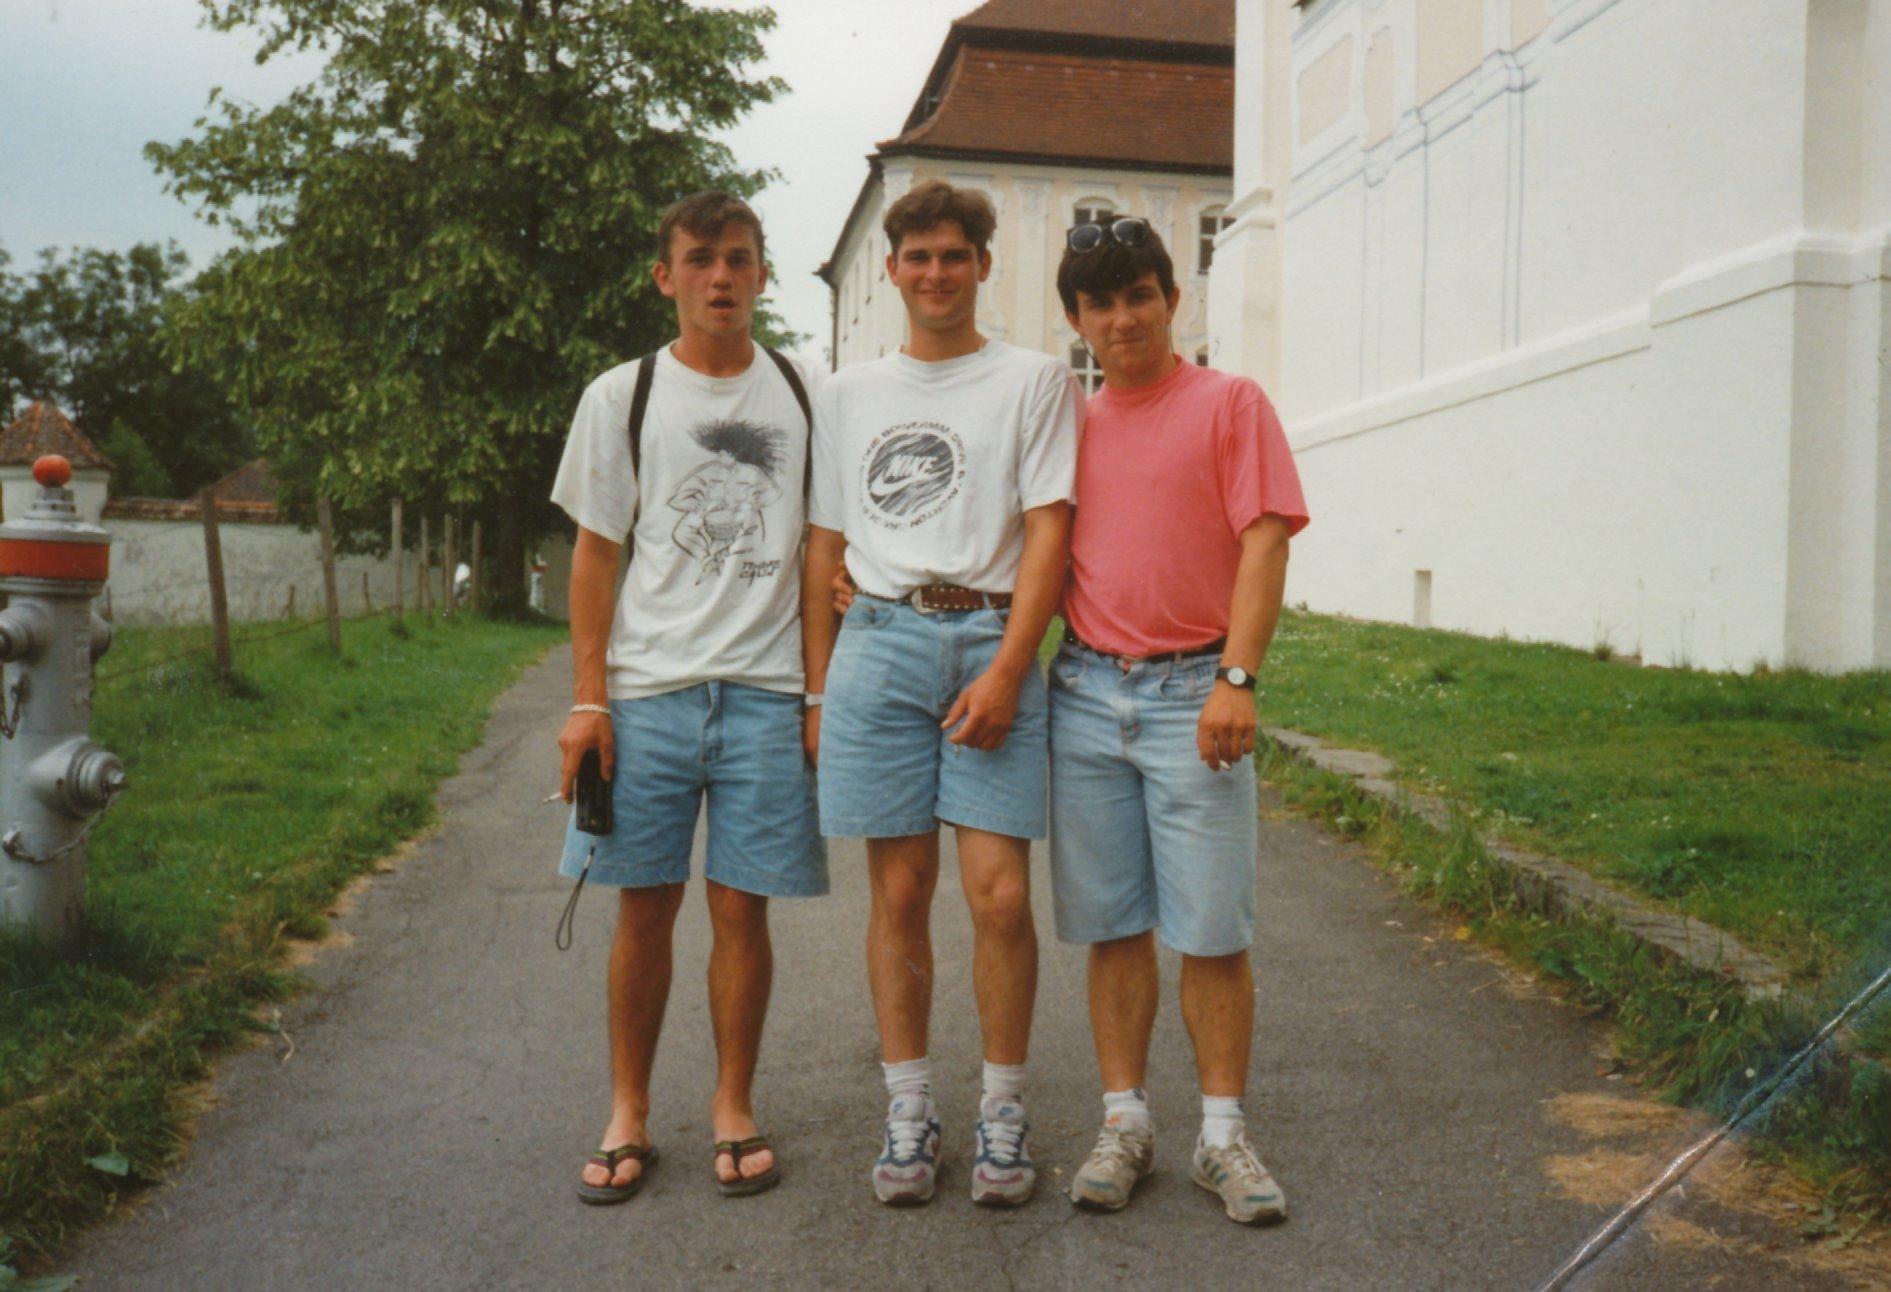 Archives anciens élèves mfr puy-sec 1989 (9)